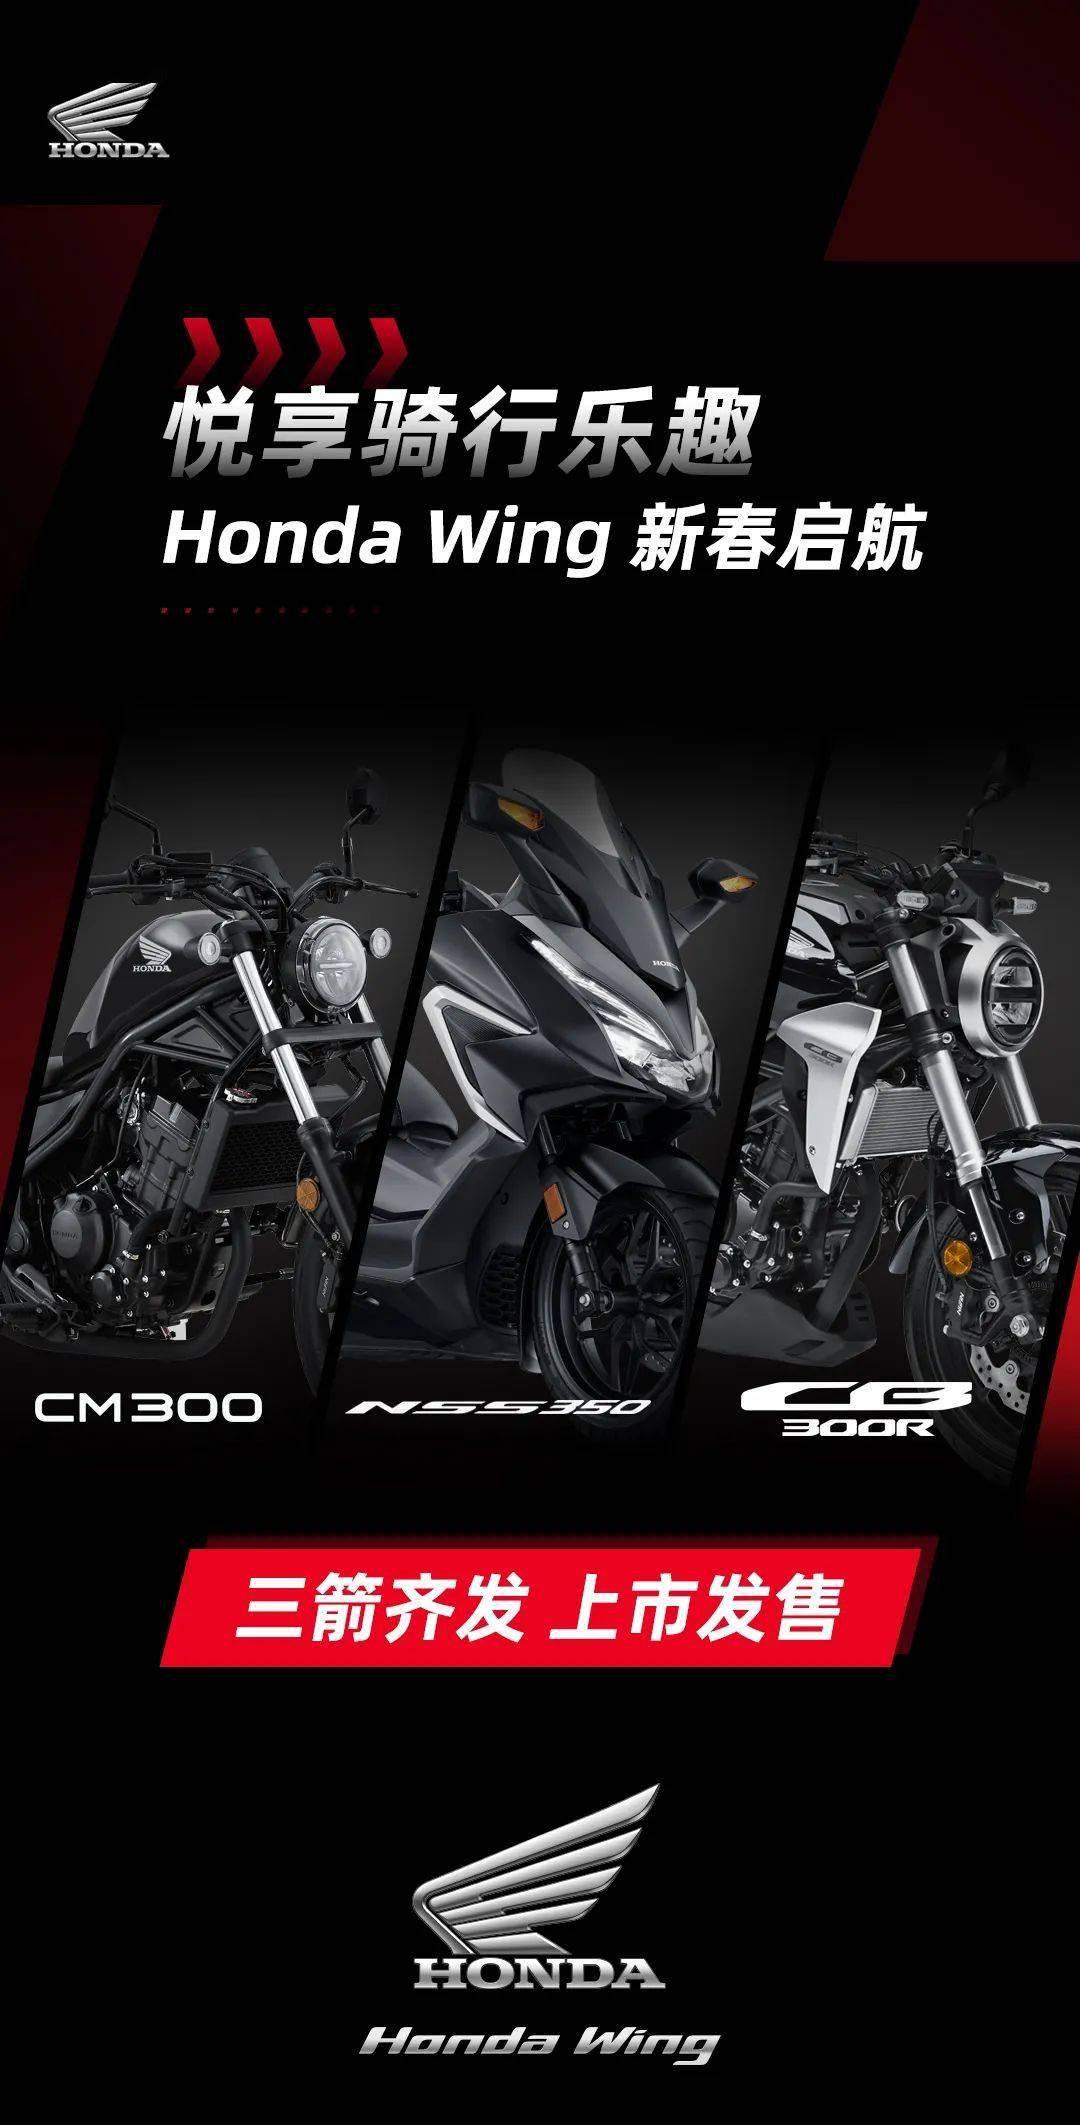 本田官方发布了NSS350/CM300/CB300R的官方价格...